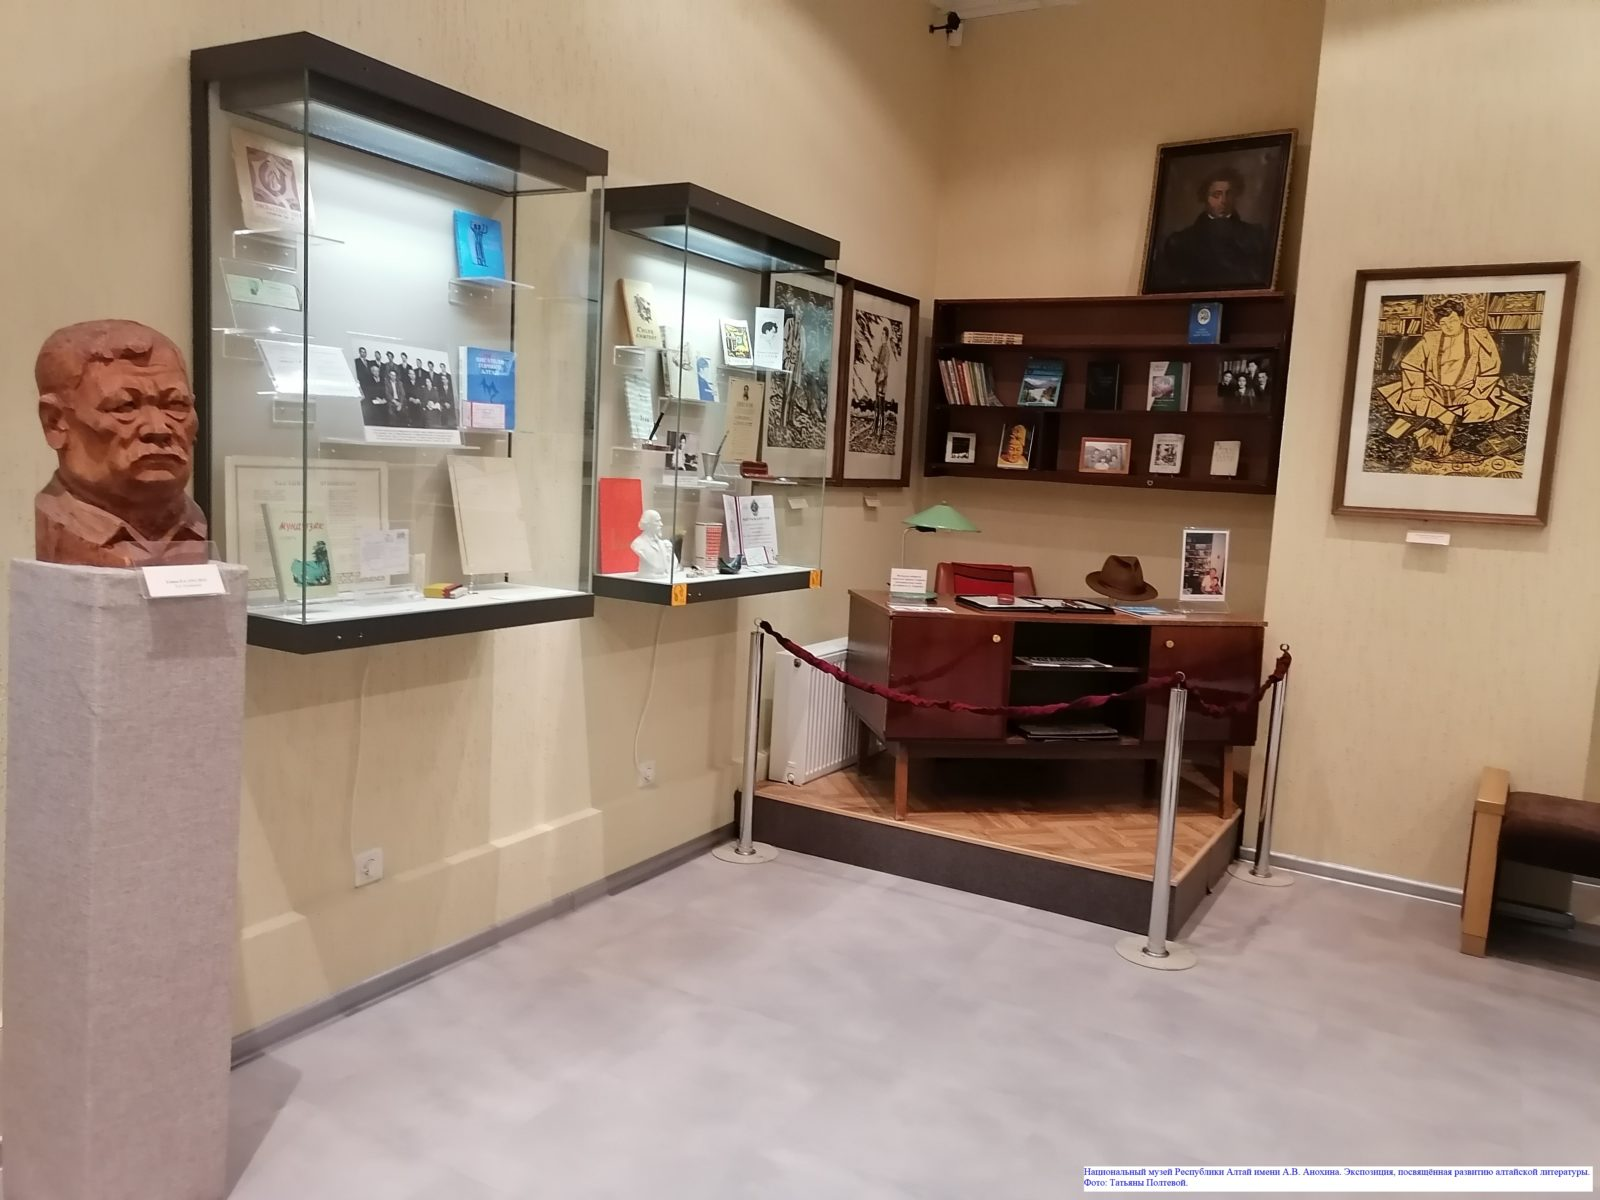 Национальный музей Республики Алтай имени А.В. Анохина. Экспозиция, посвящённая развитию алтайской литературы.